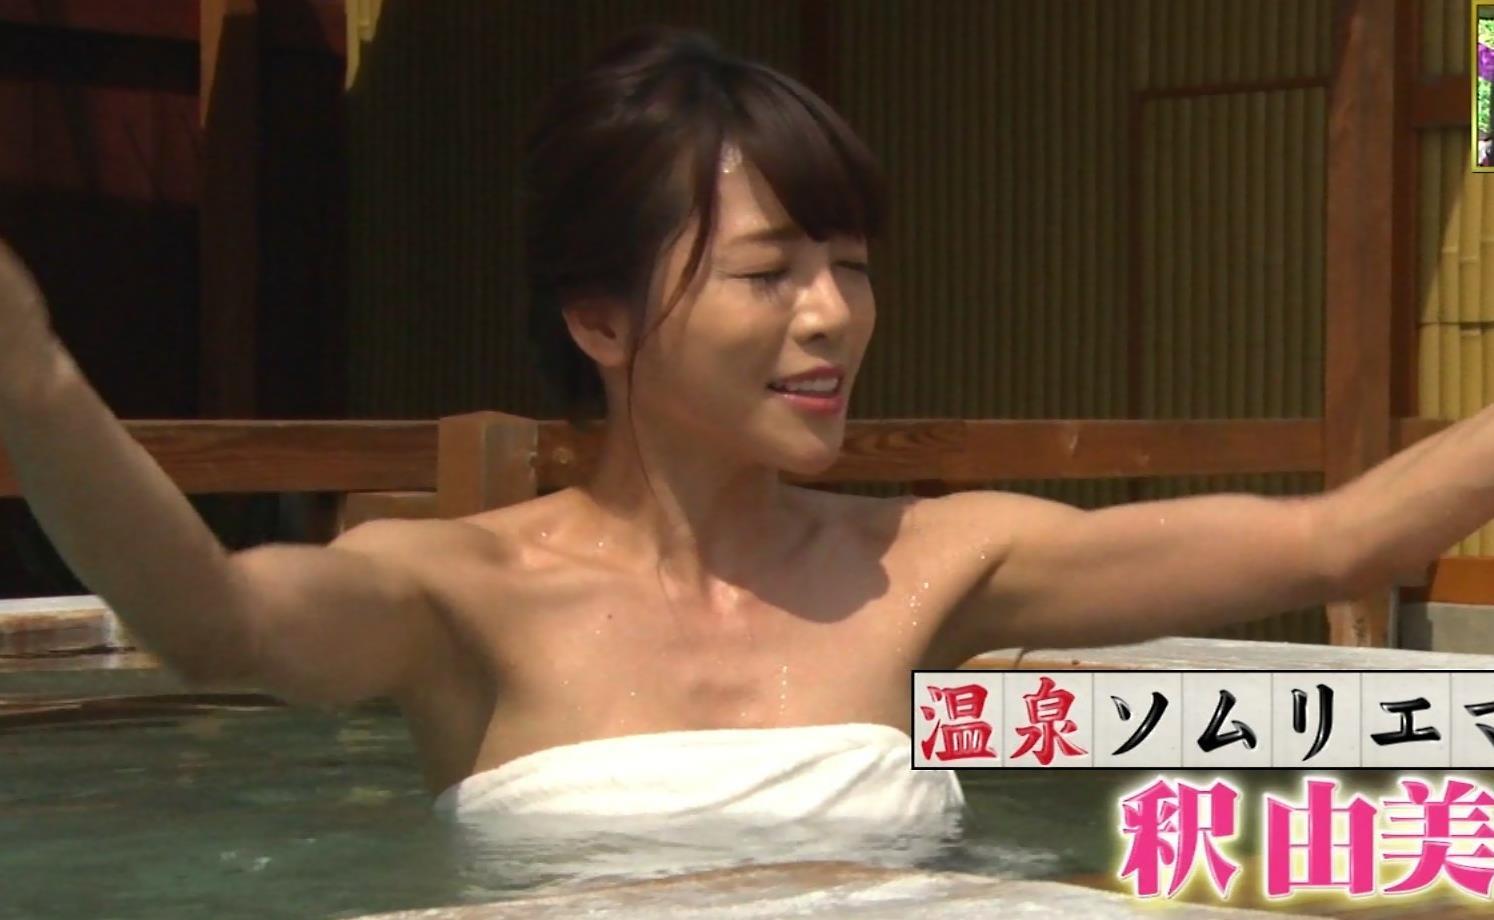 釈由美子 まだまだエロい温泉入浴シーンキャプ・エロ画像4